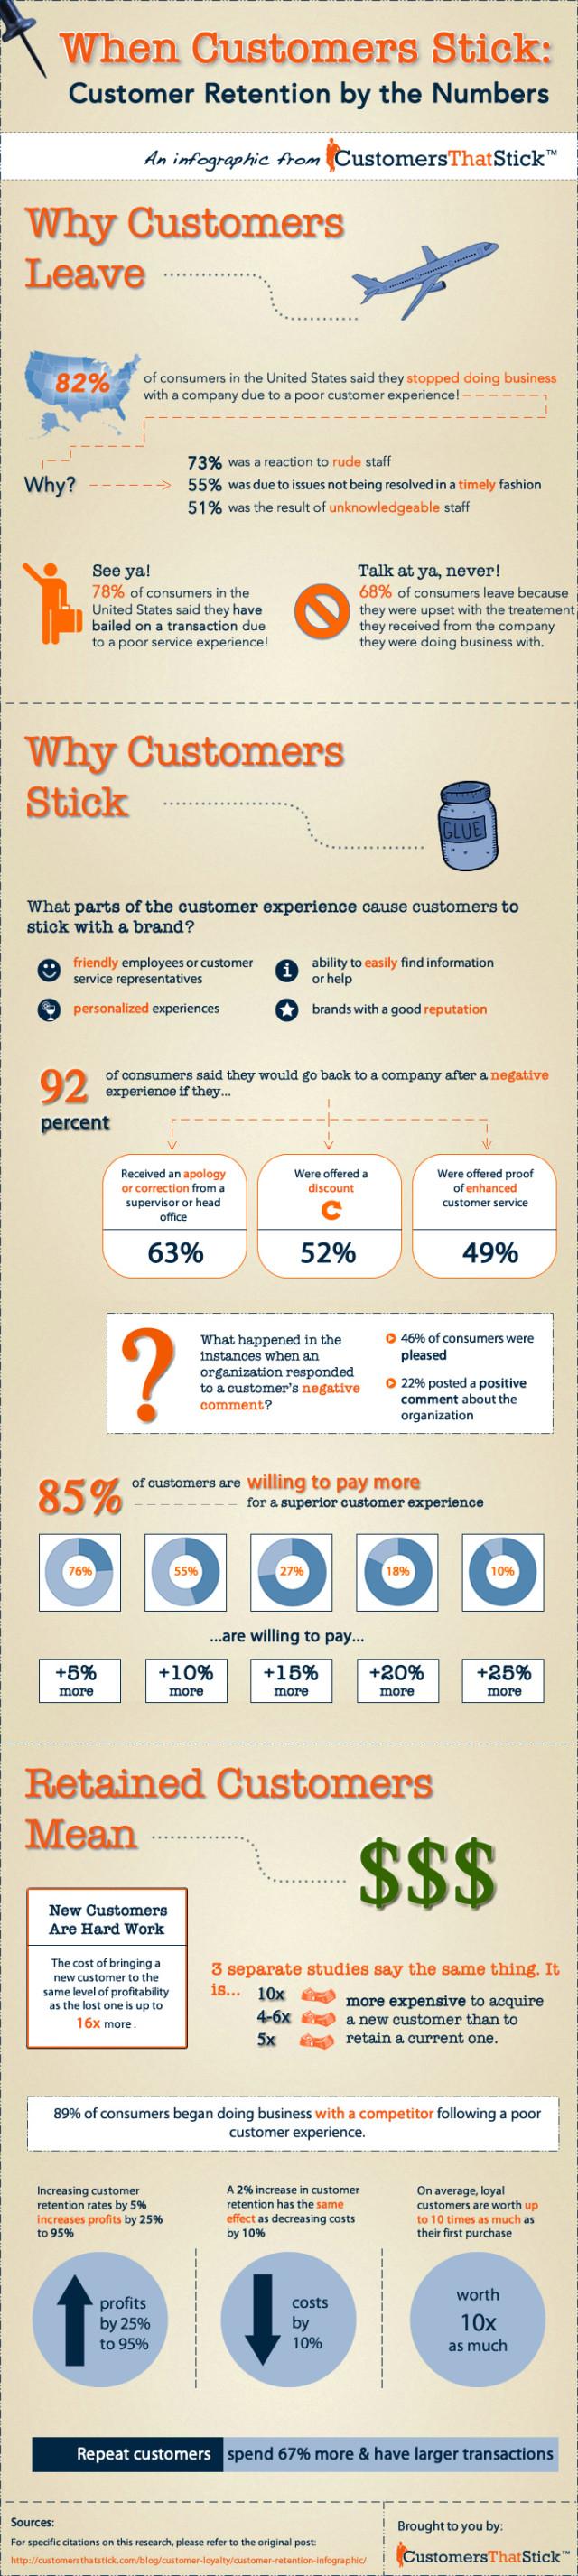 via  marketingtechblog.com